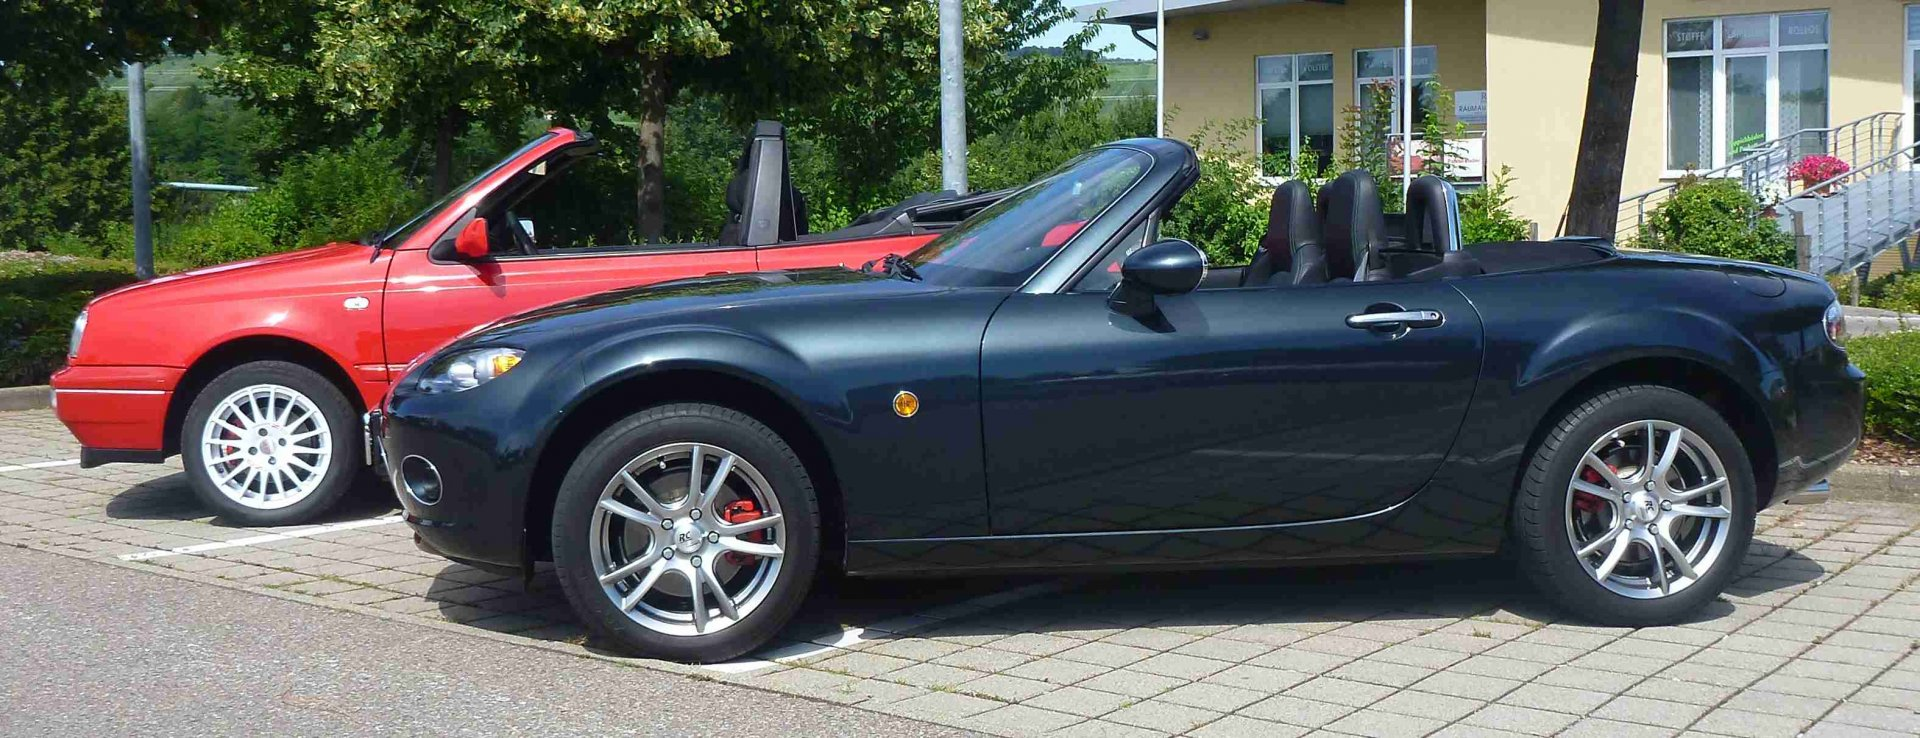 Mazda 01.jpg